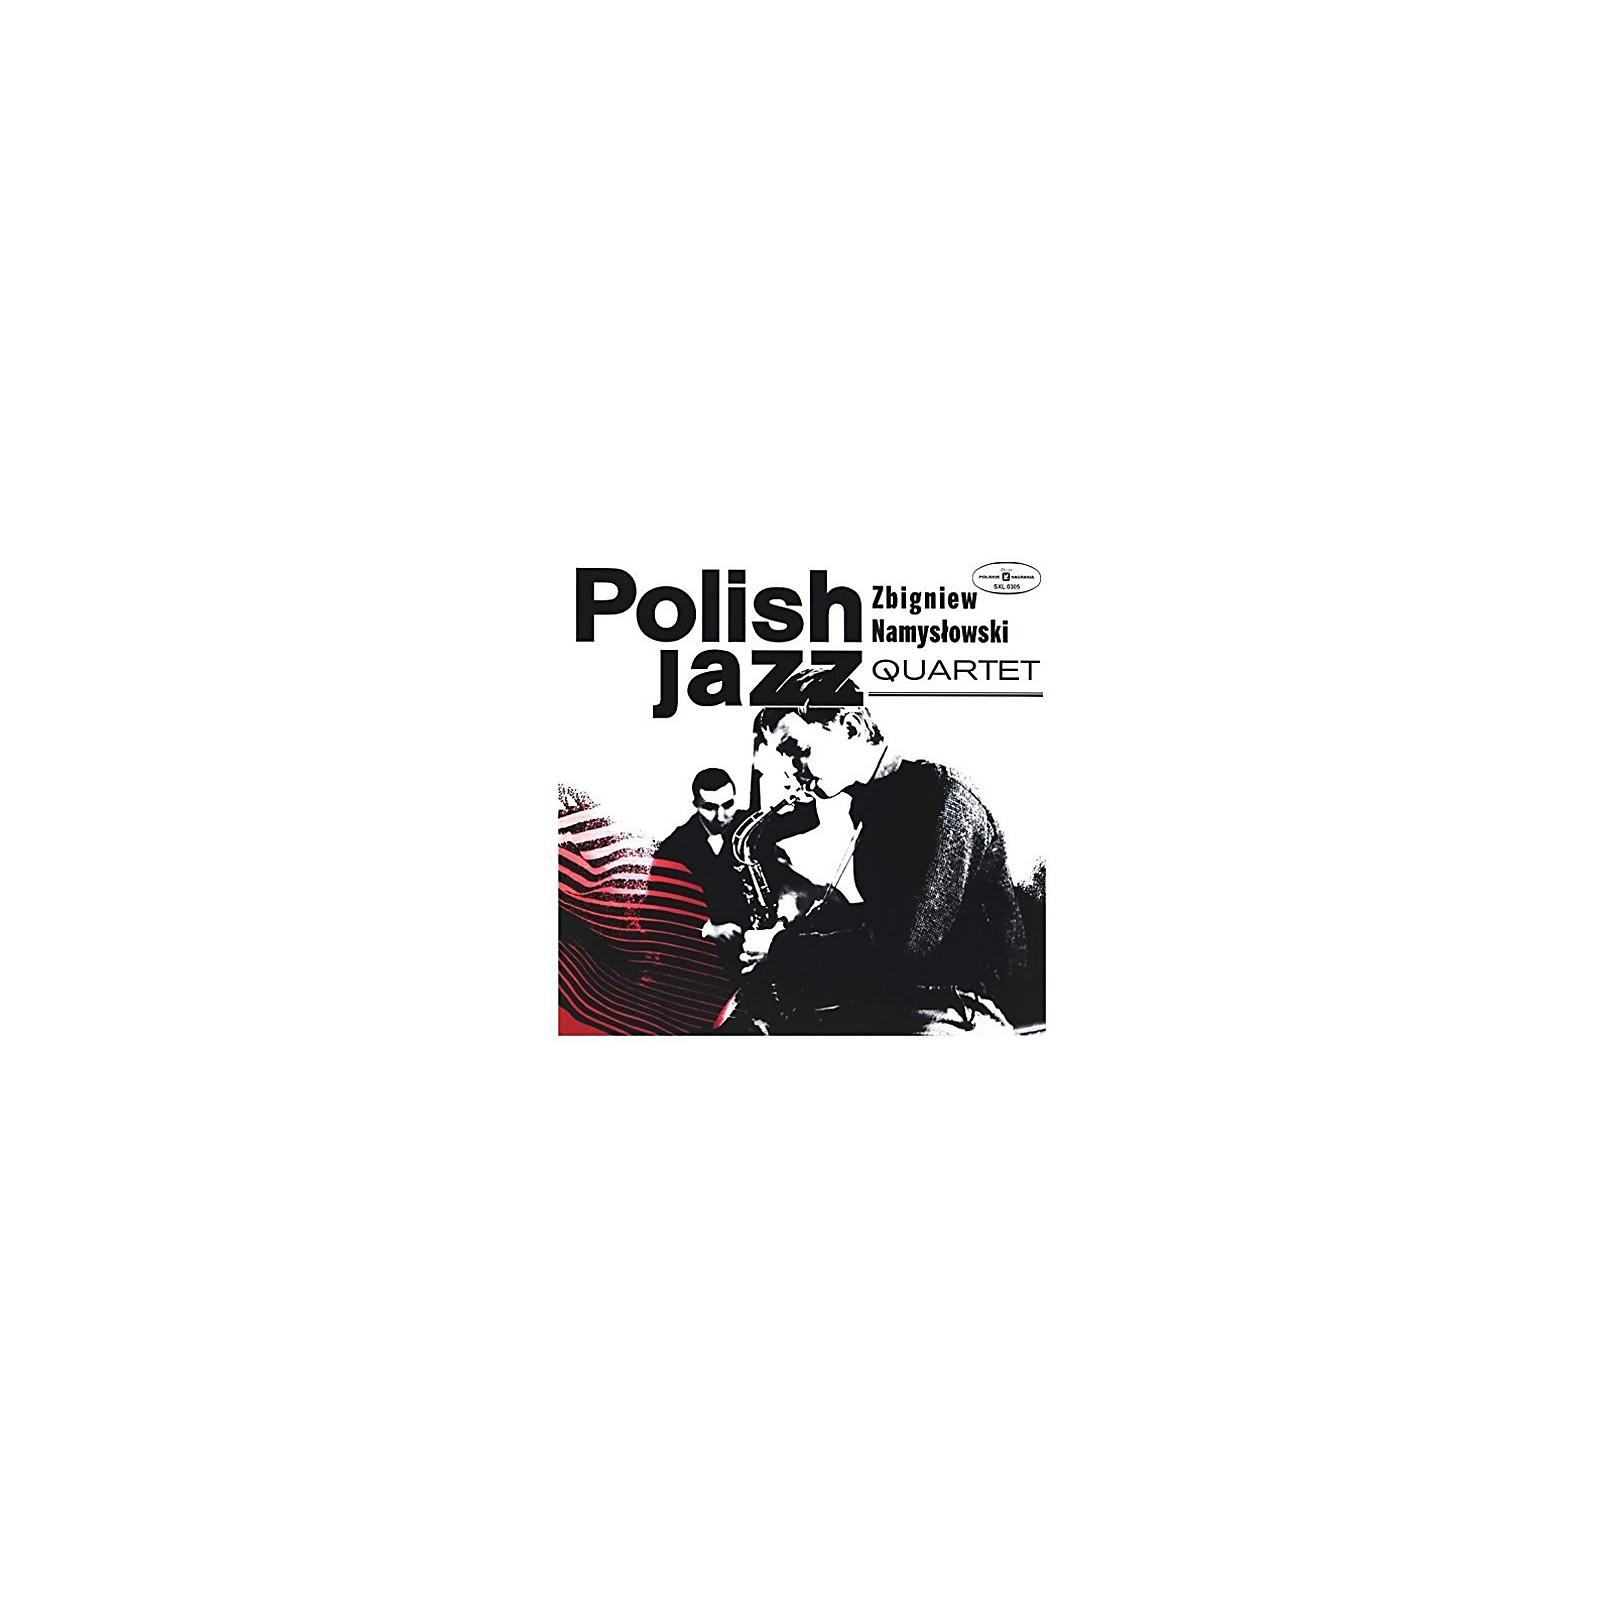 Alliance Zbigniew Namyslowsky - Zbigniew Namyslowski Quartet (Polish Jazz)